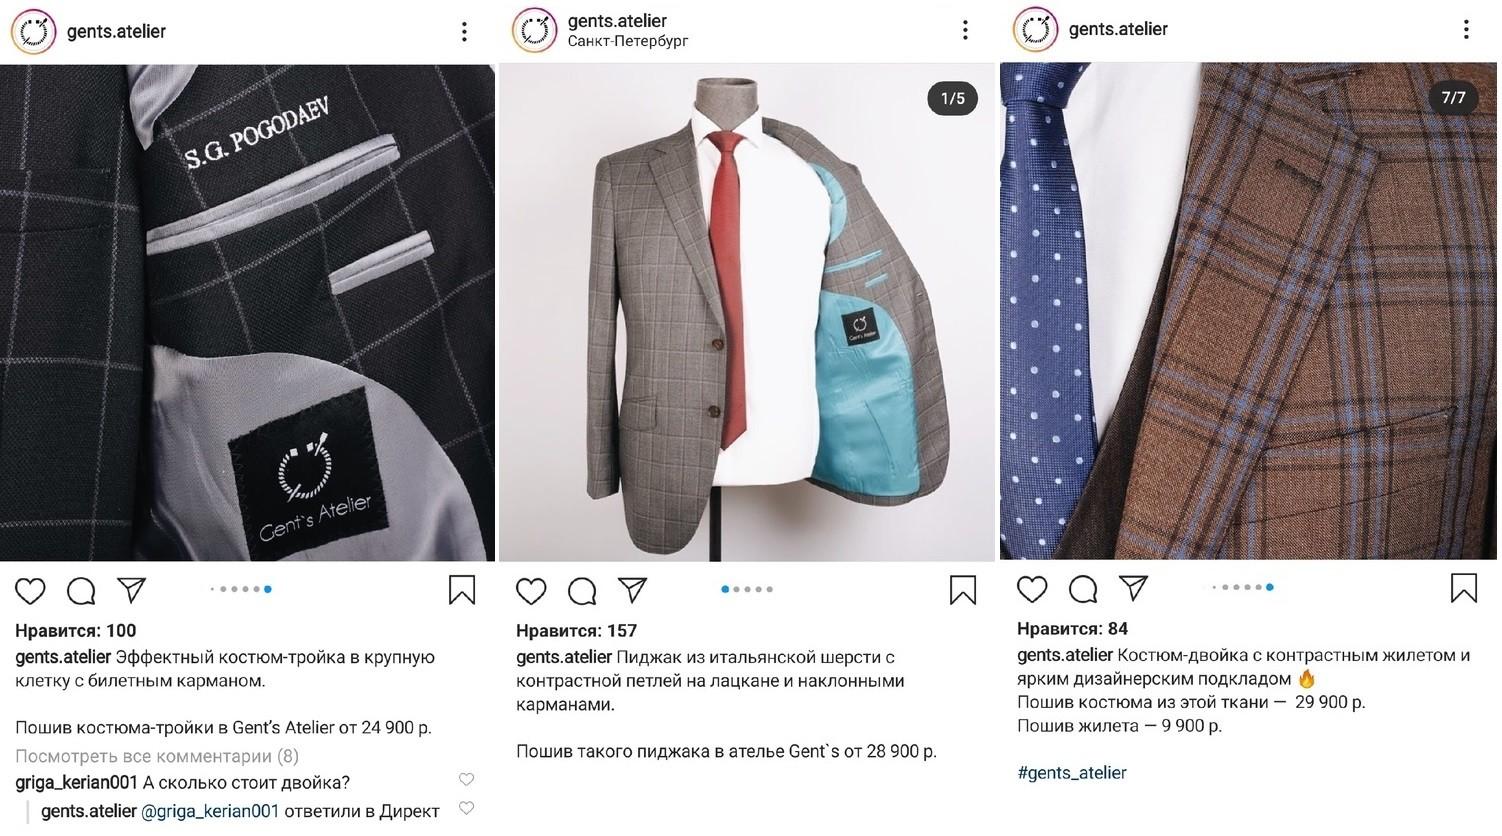 Посты детали костюмов в Instagram Gents Atelier